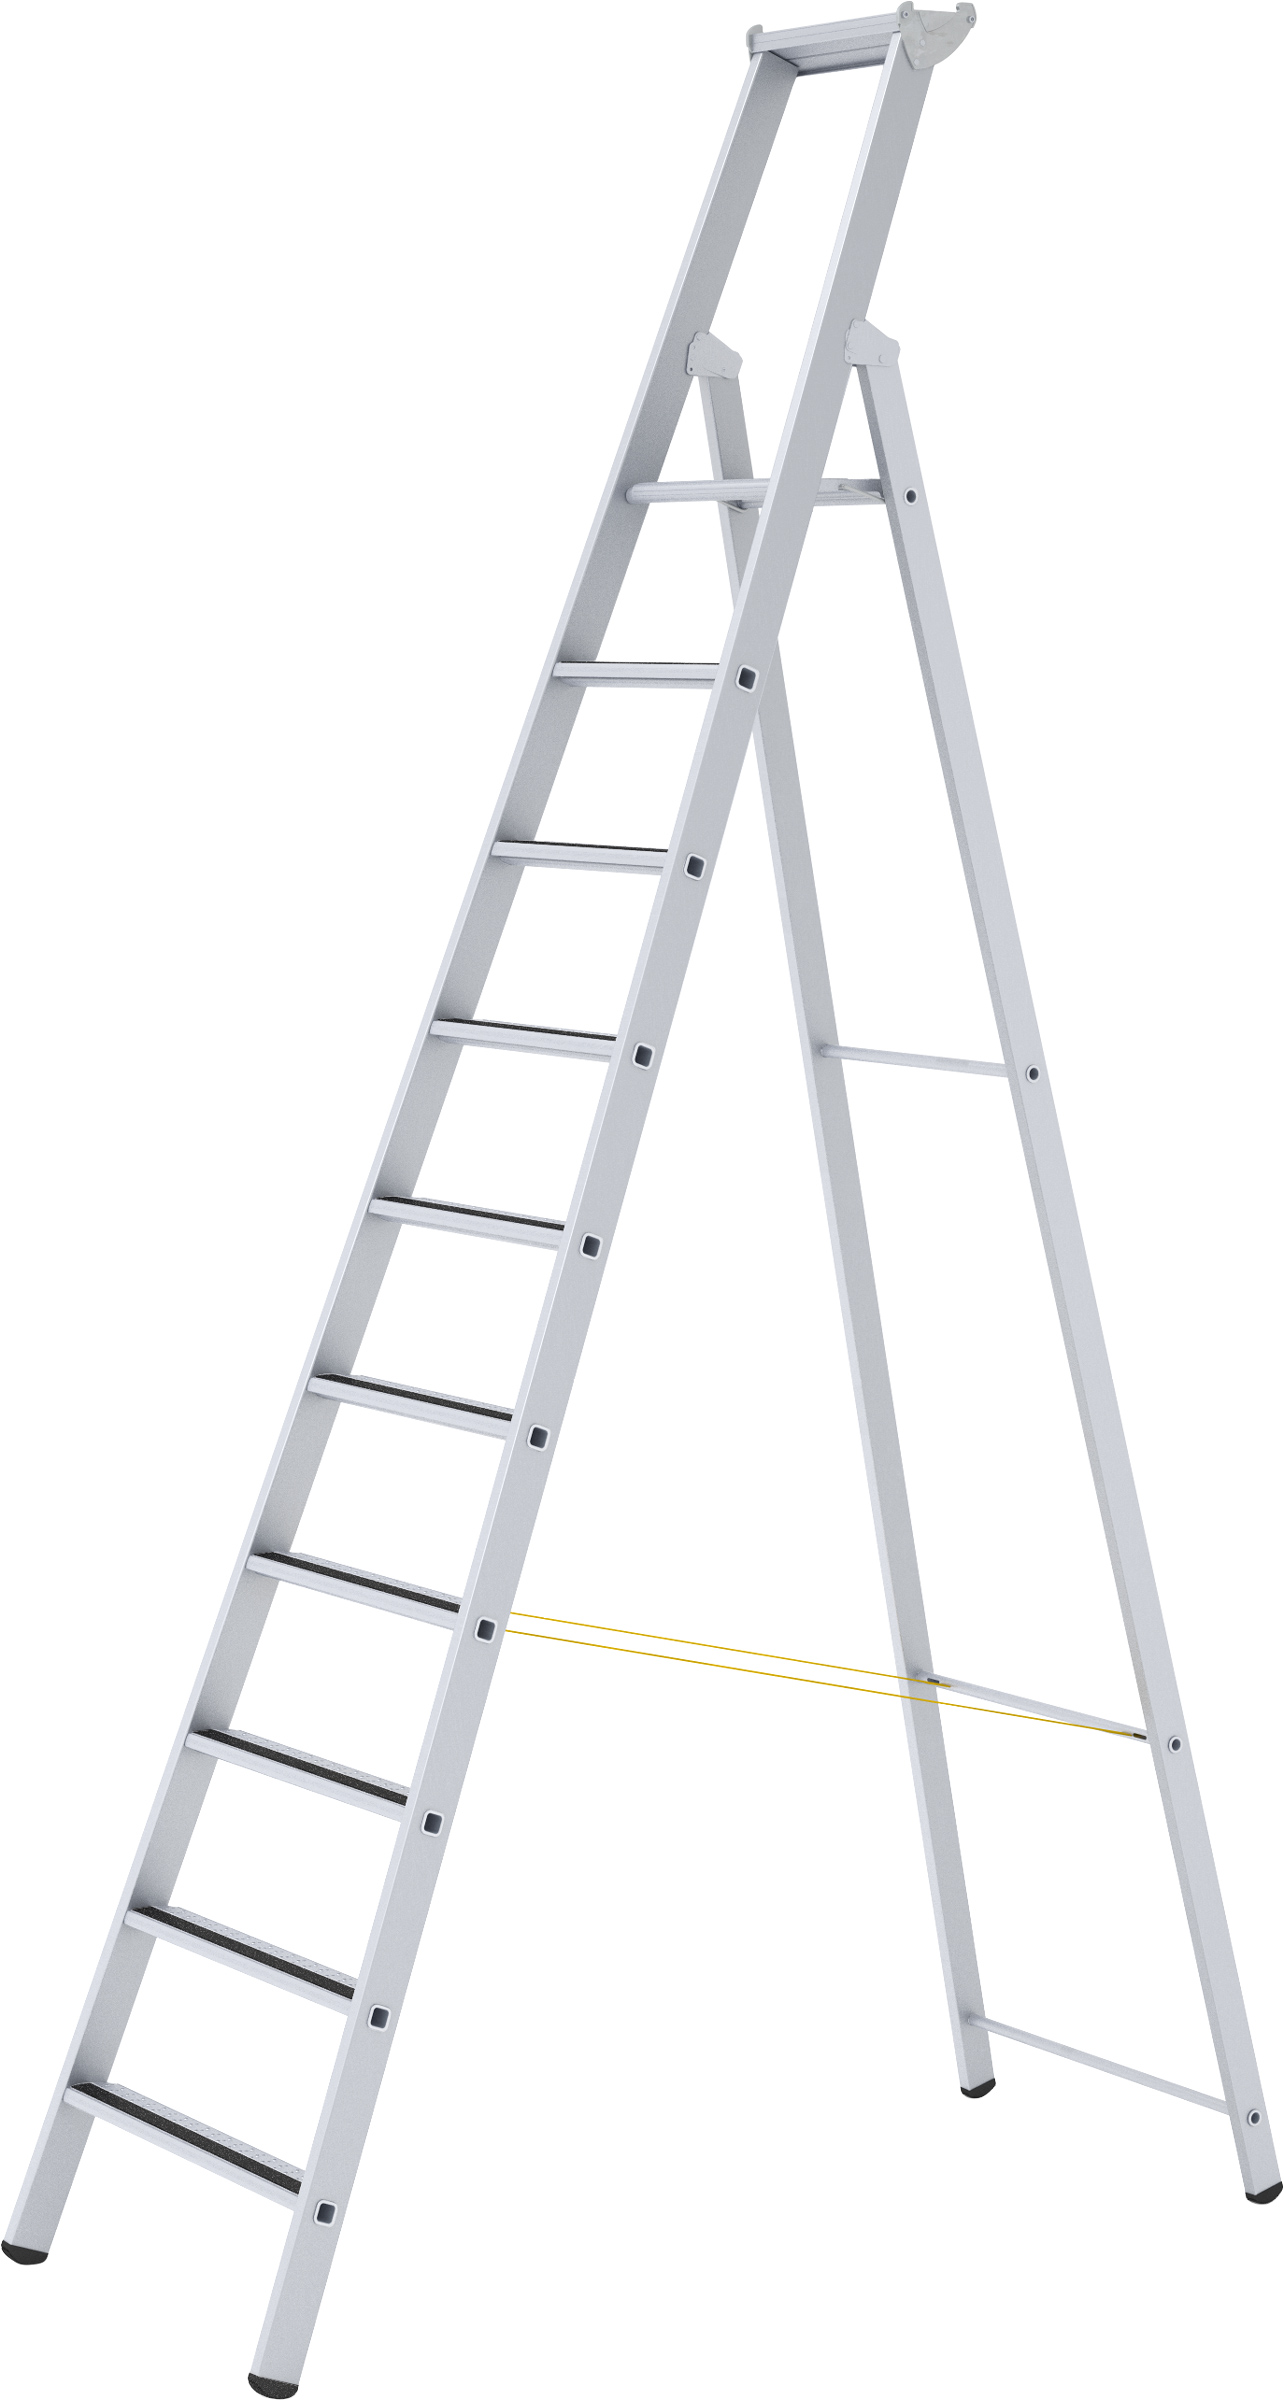 ZARGES Stufen Stehleiter R13step S - 7 Stufen